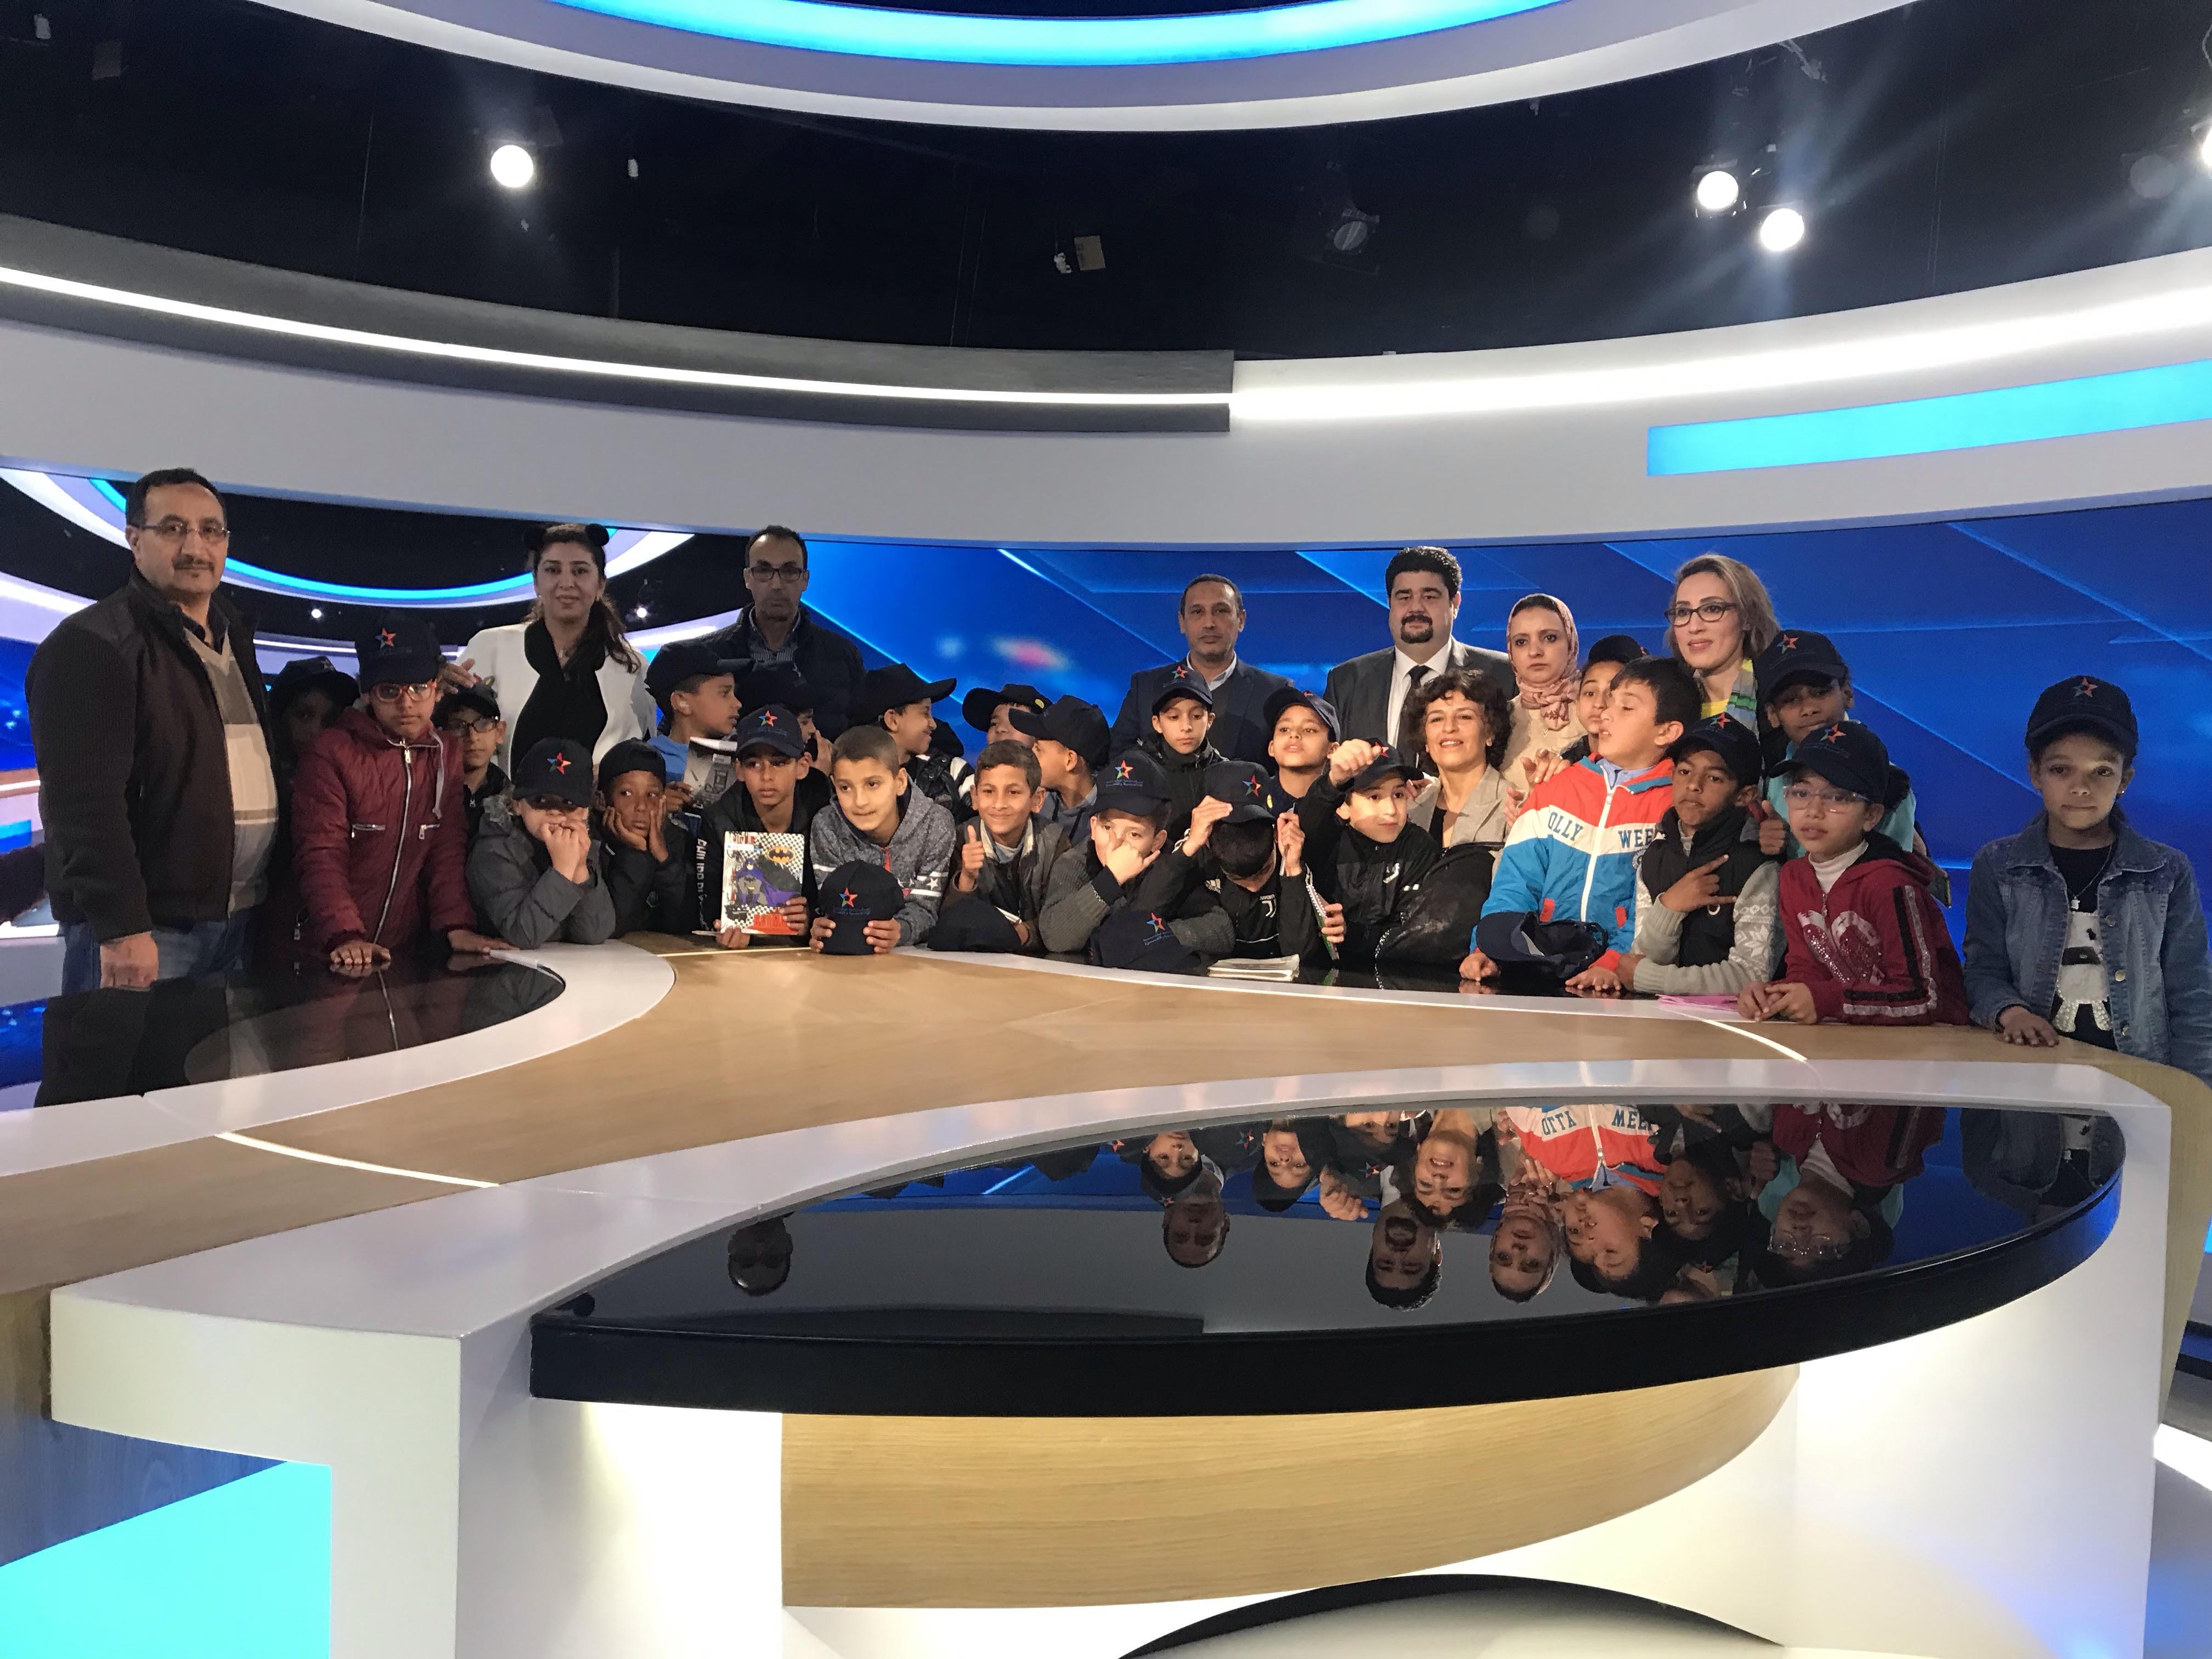 الشركة الوطنية الإذاعة والتلفزة تنفتح على محيطها من خلال استقبال تلاميذ مؤسسة للا أسماء للأطفال والشباب الصم